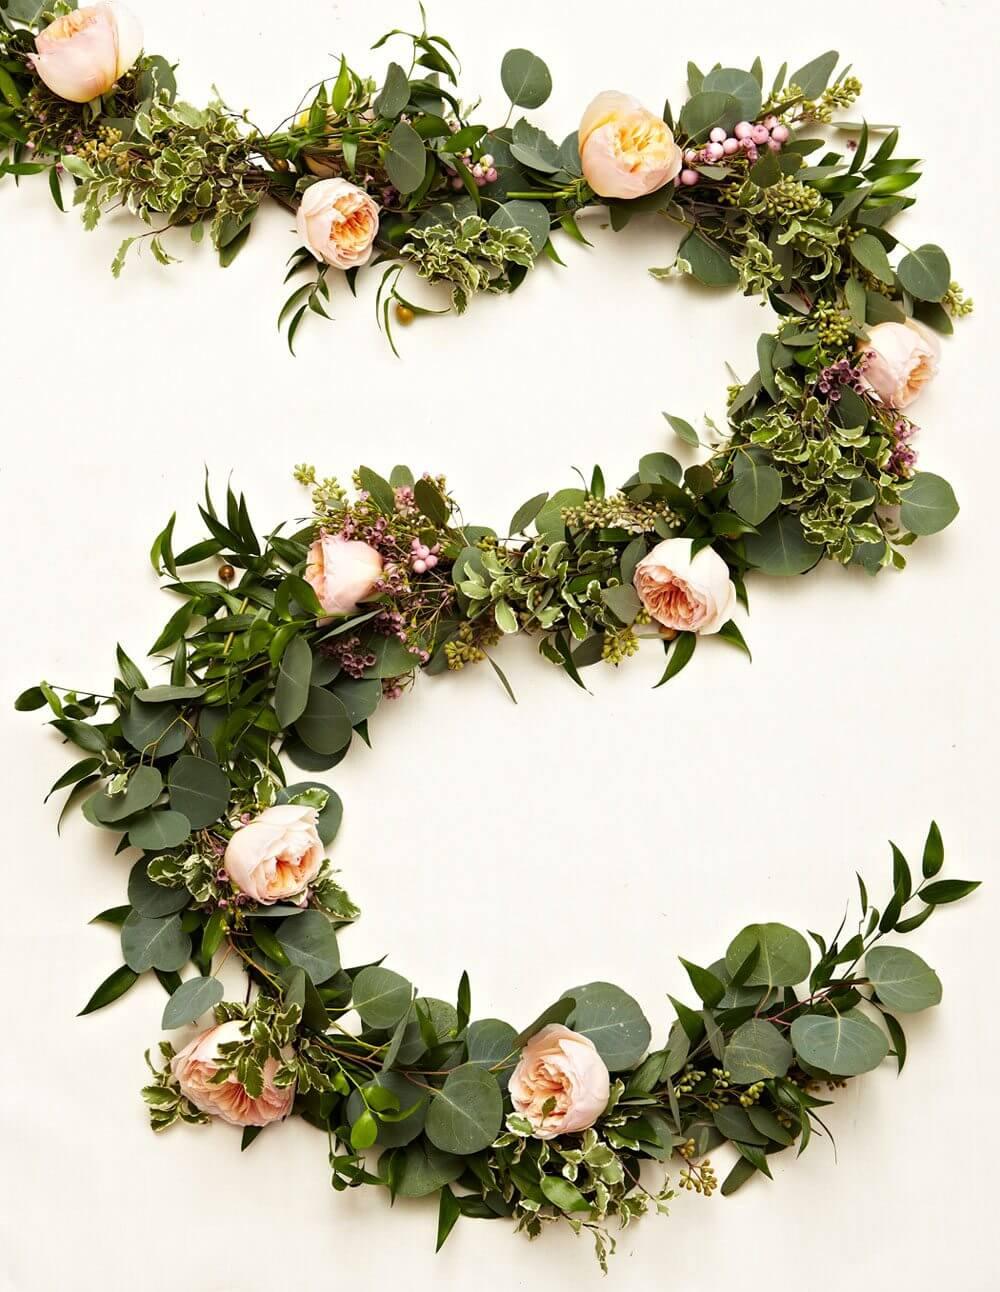 guirlande decorative avec des fleurs sechees - Laisser les fleurs séchées envahir la décoration